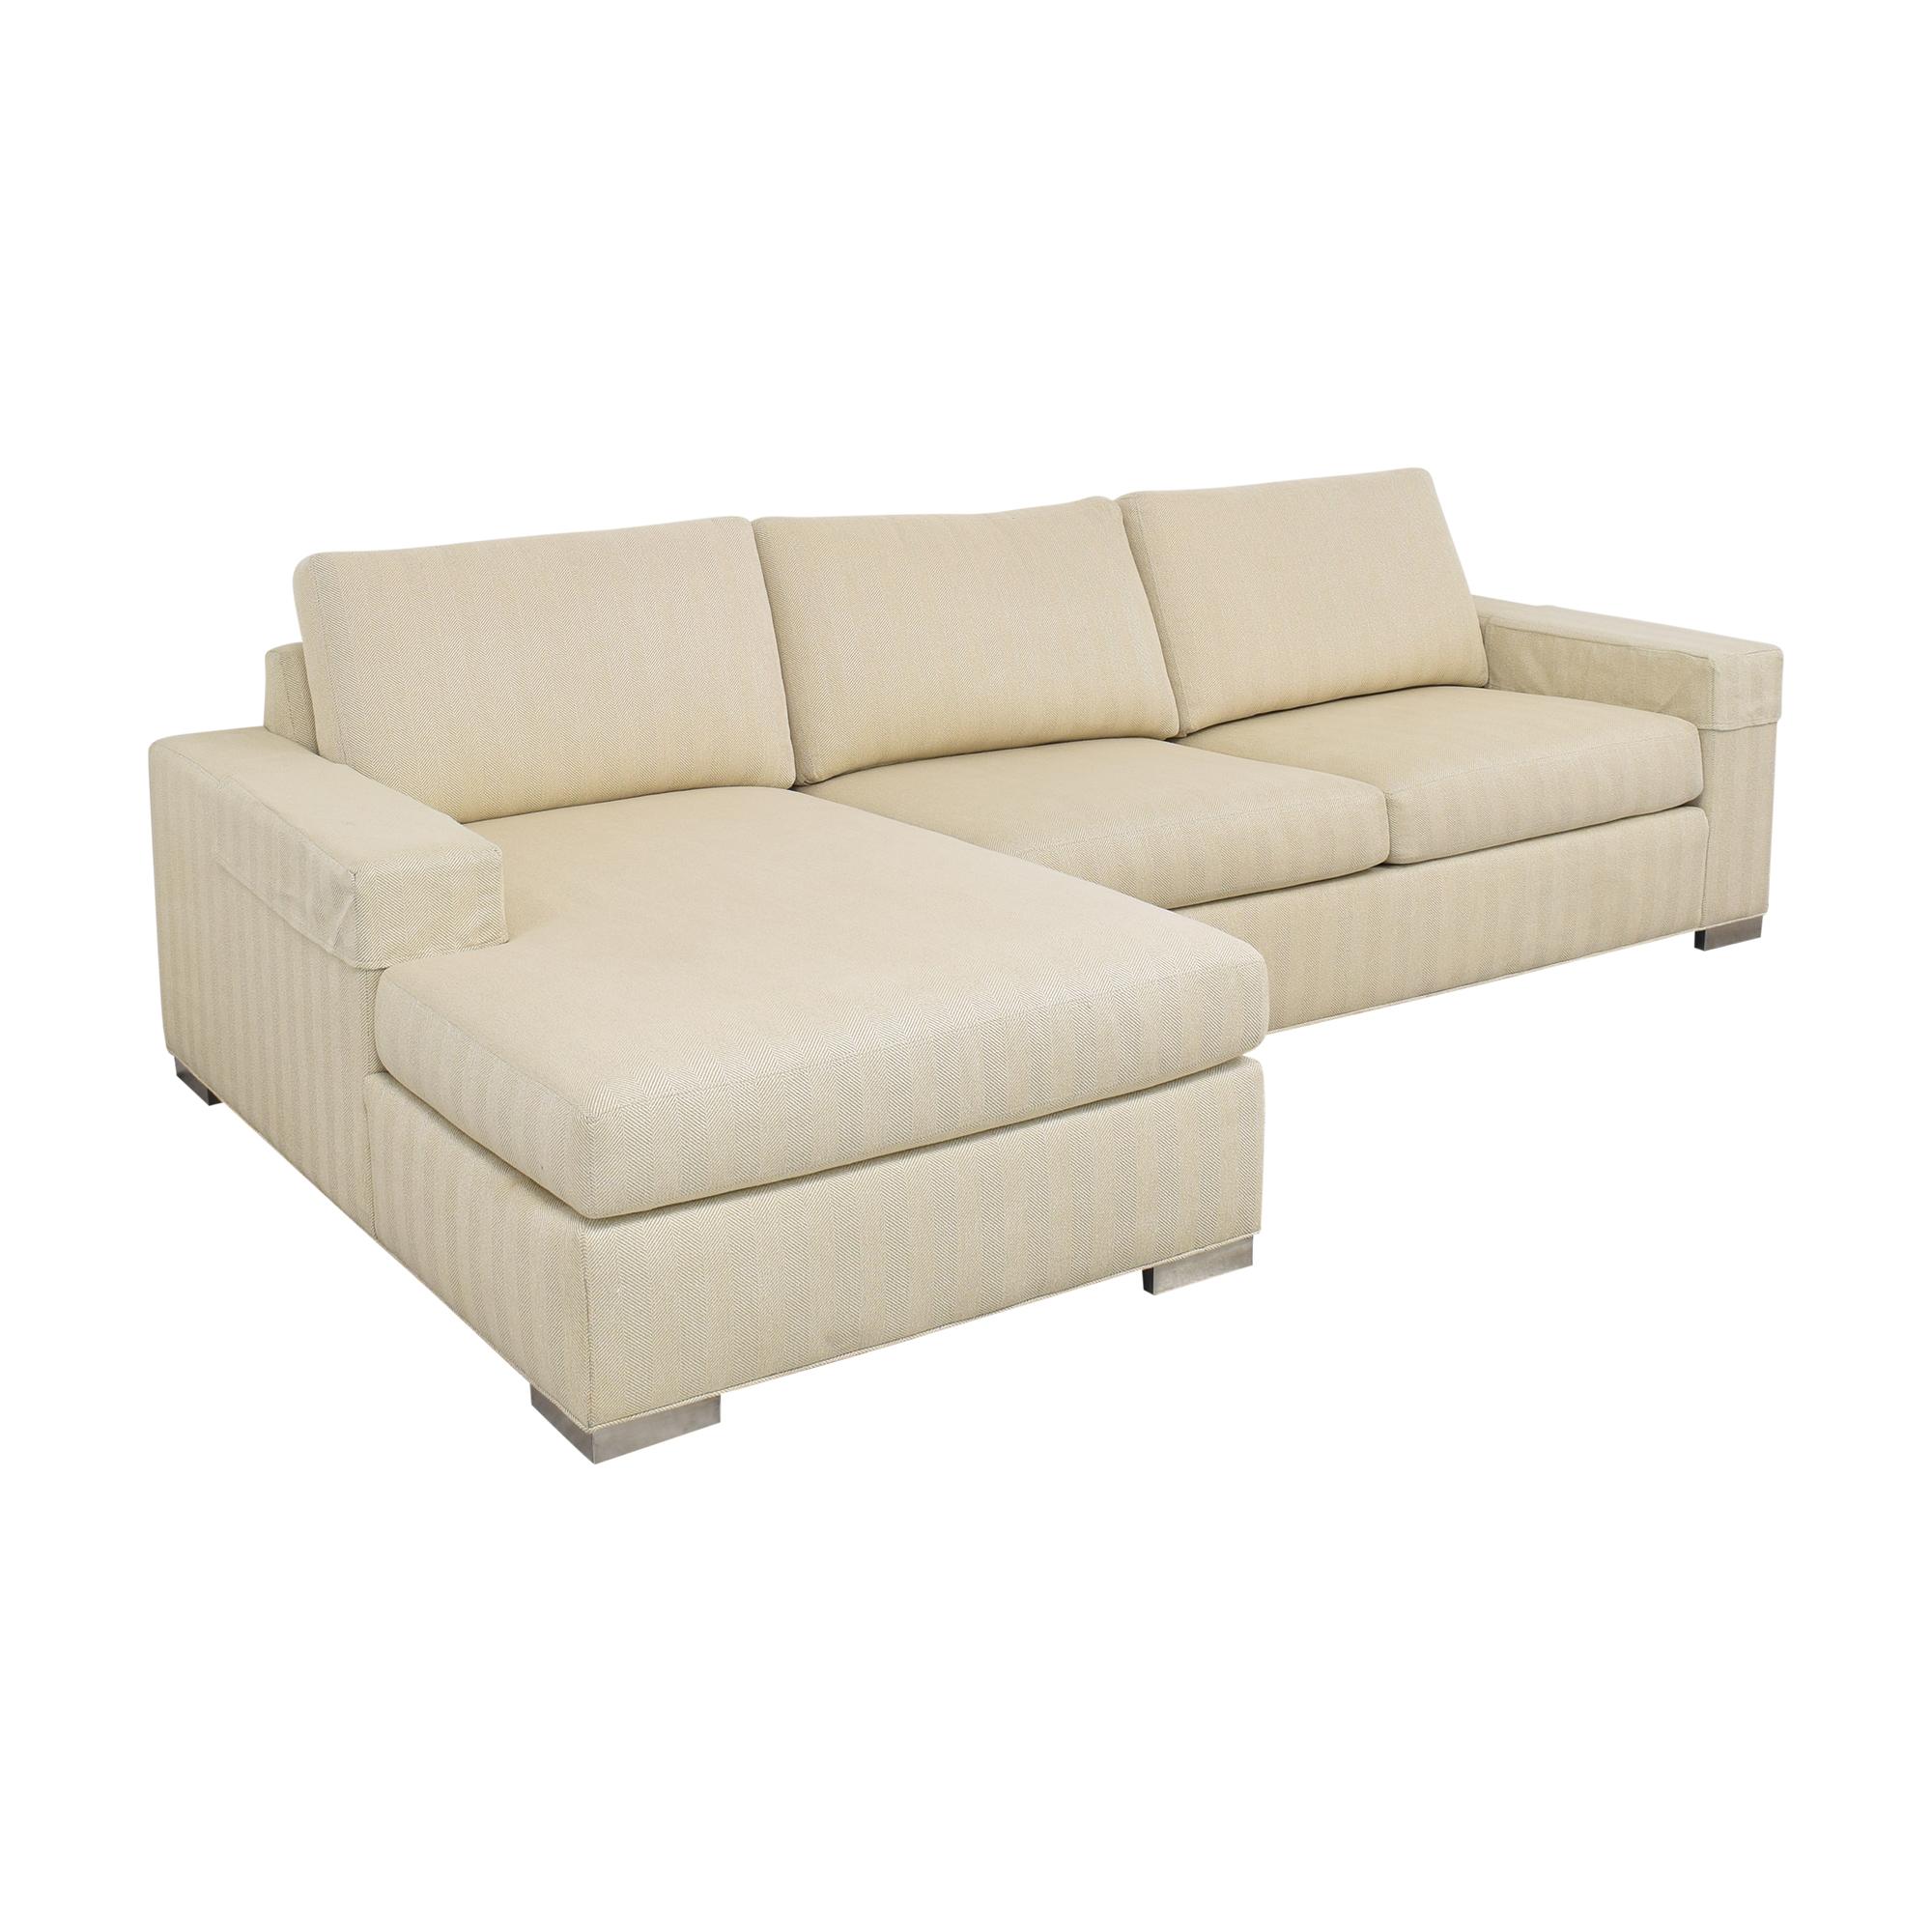 Ethan Allen Ethan Allen Conway Sectional Sofa